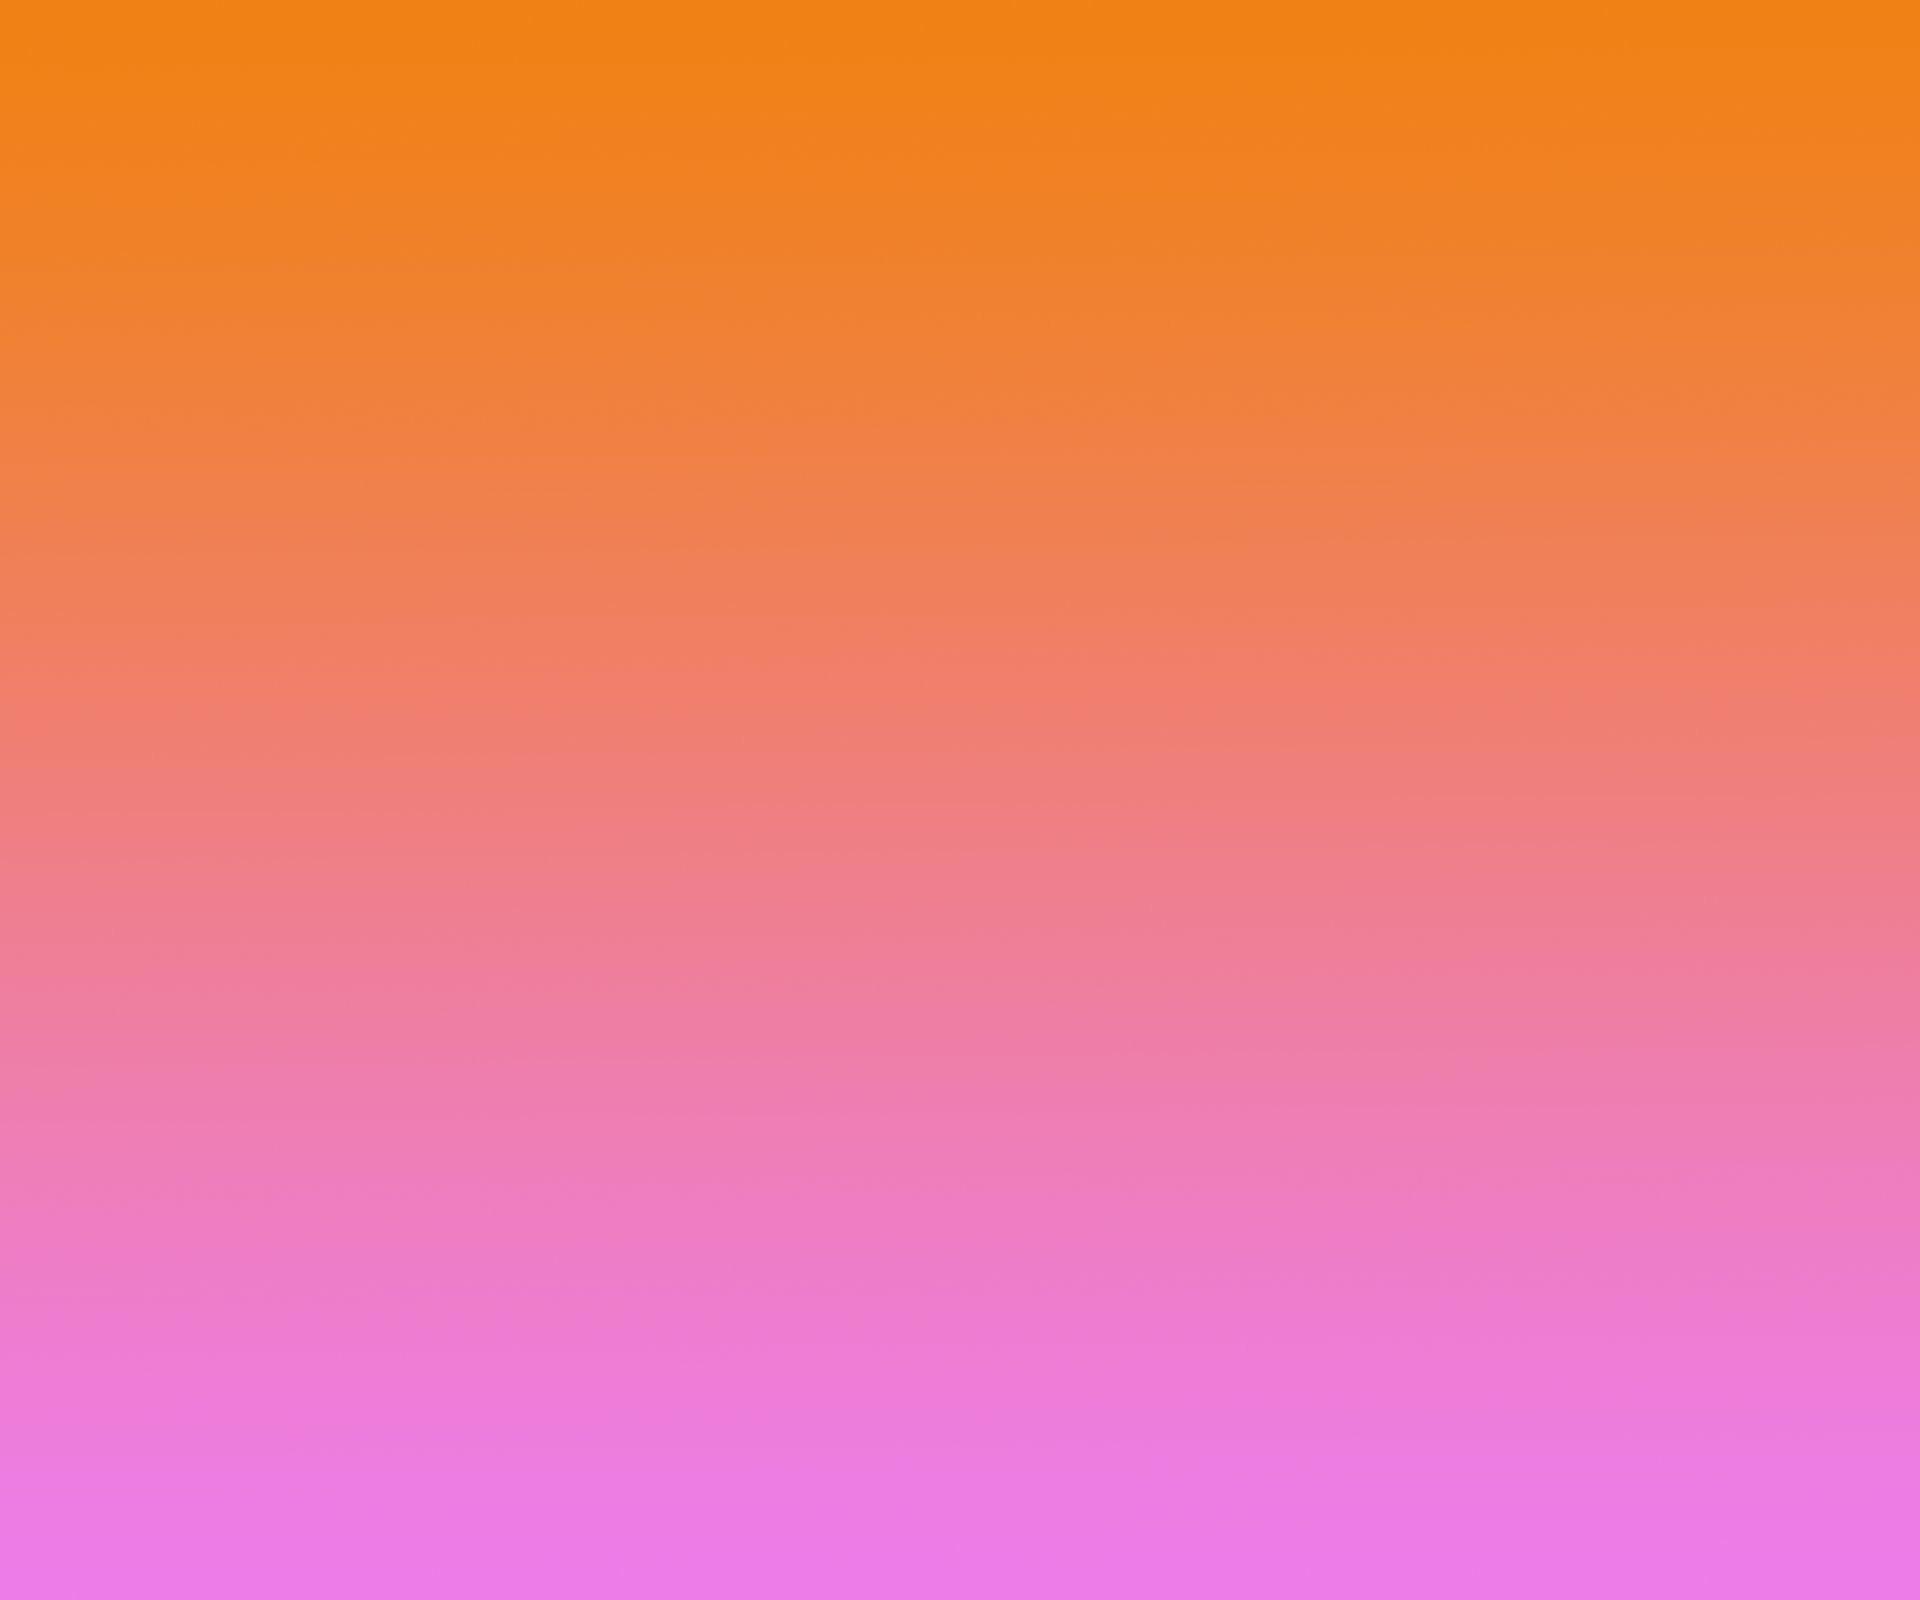 pink and orange wallpaper 66 images. Black Bedroom Furniture Sets. Home Design Ideas